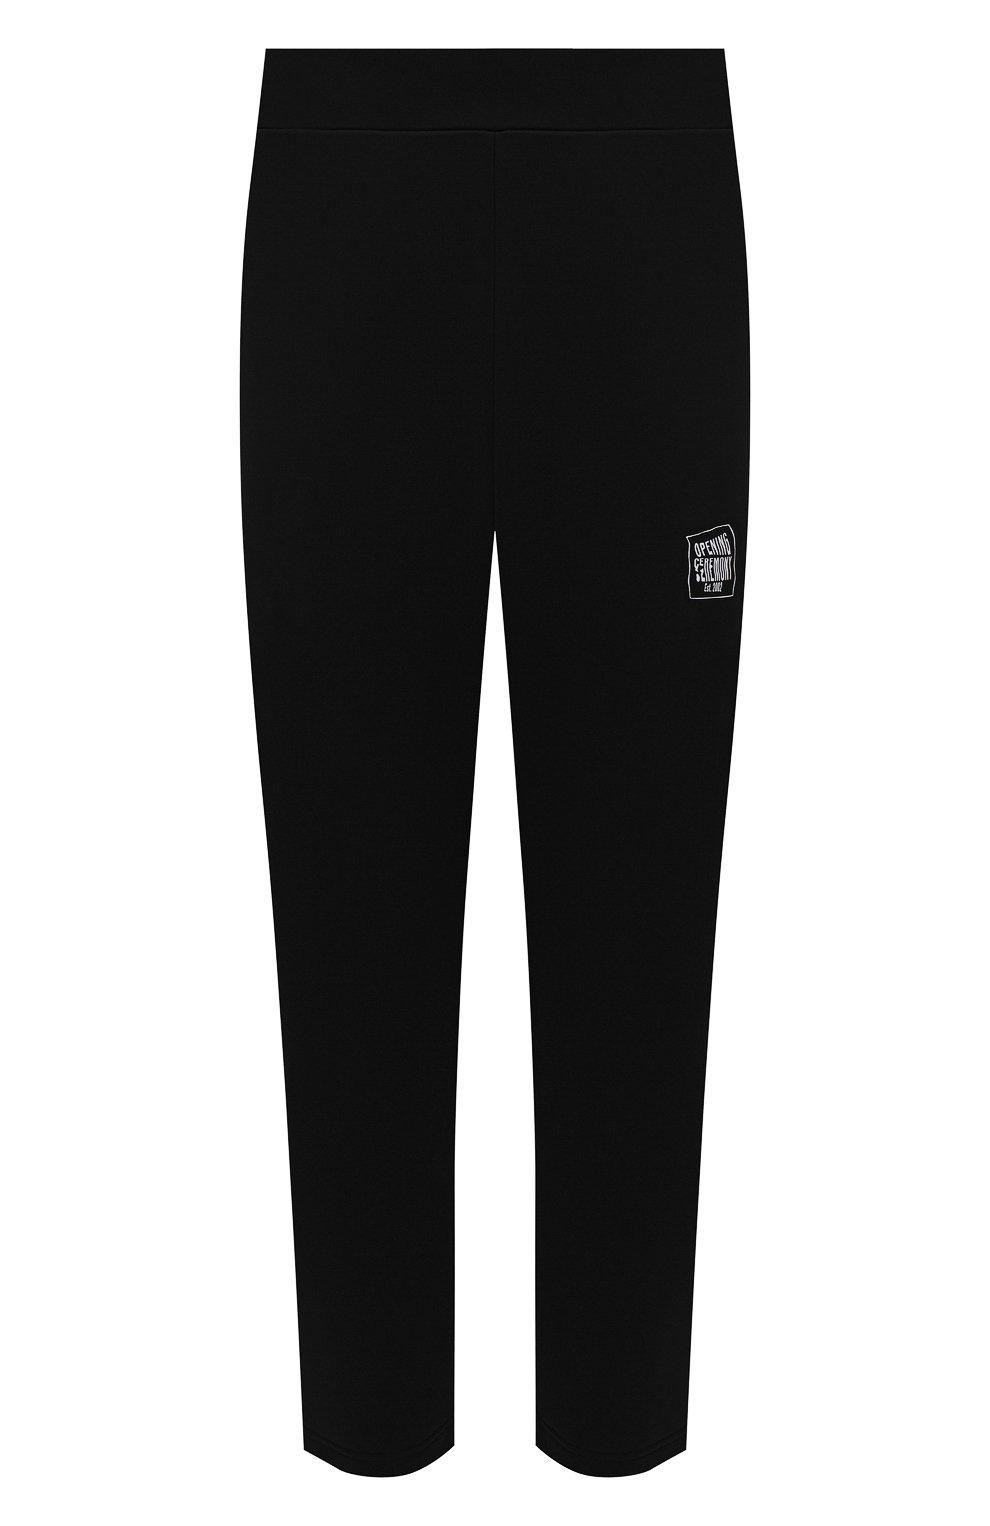 Мужские хлопковые брюки OPENING CEREMONY черного цвета, арт. YMCH003S21FLE002   Фото 1 (Мужское Кросс-КТ: Брюки-трикотаж; Кросс-КТ: Спорт; Материал внешний: Хлопок; Стили: Спорт-шик; Длина (брюки, джинсы): Укороченные)